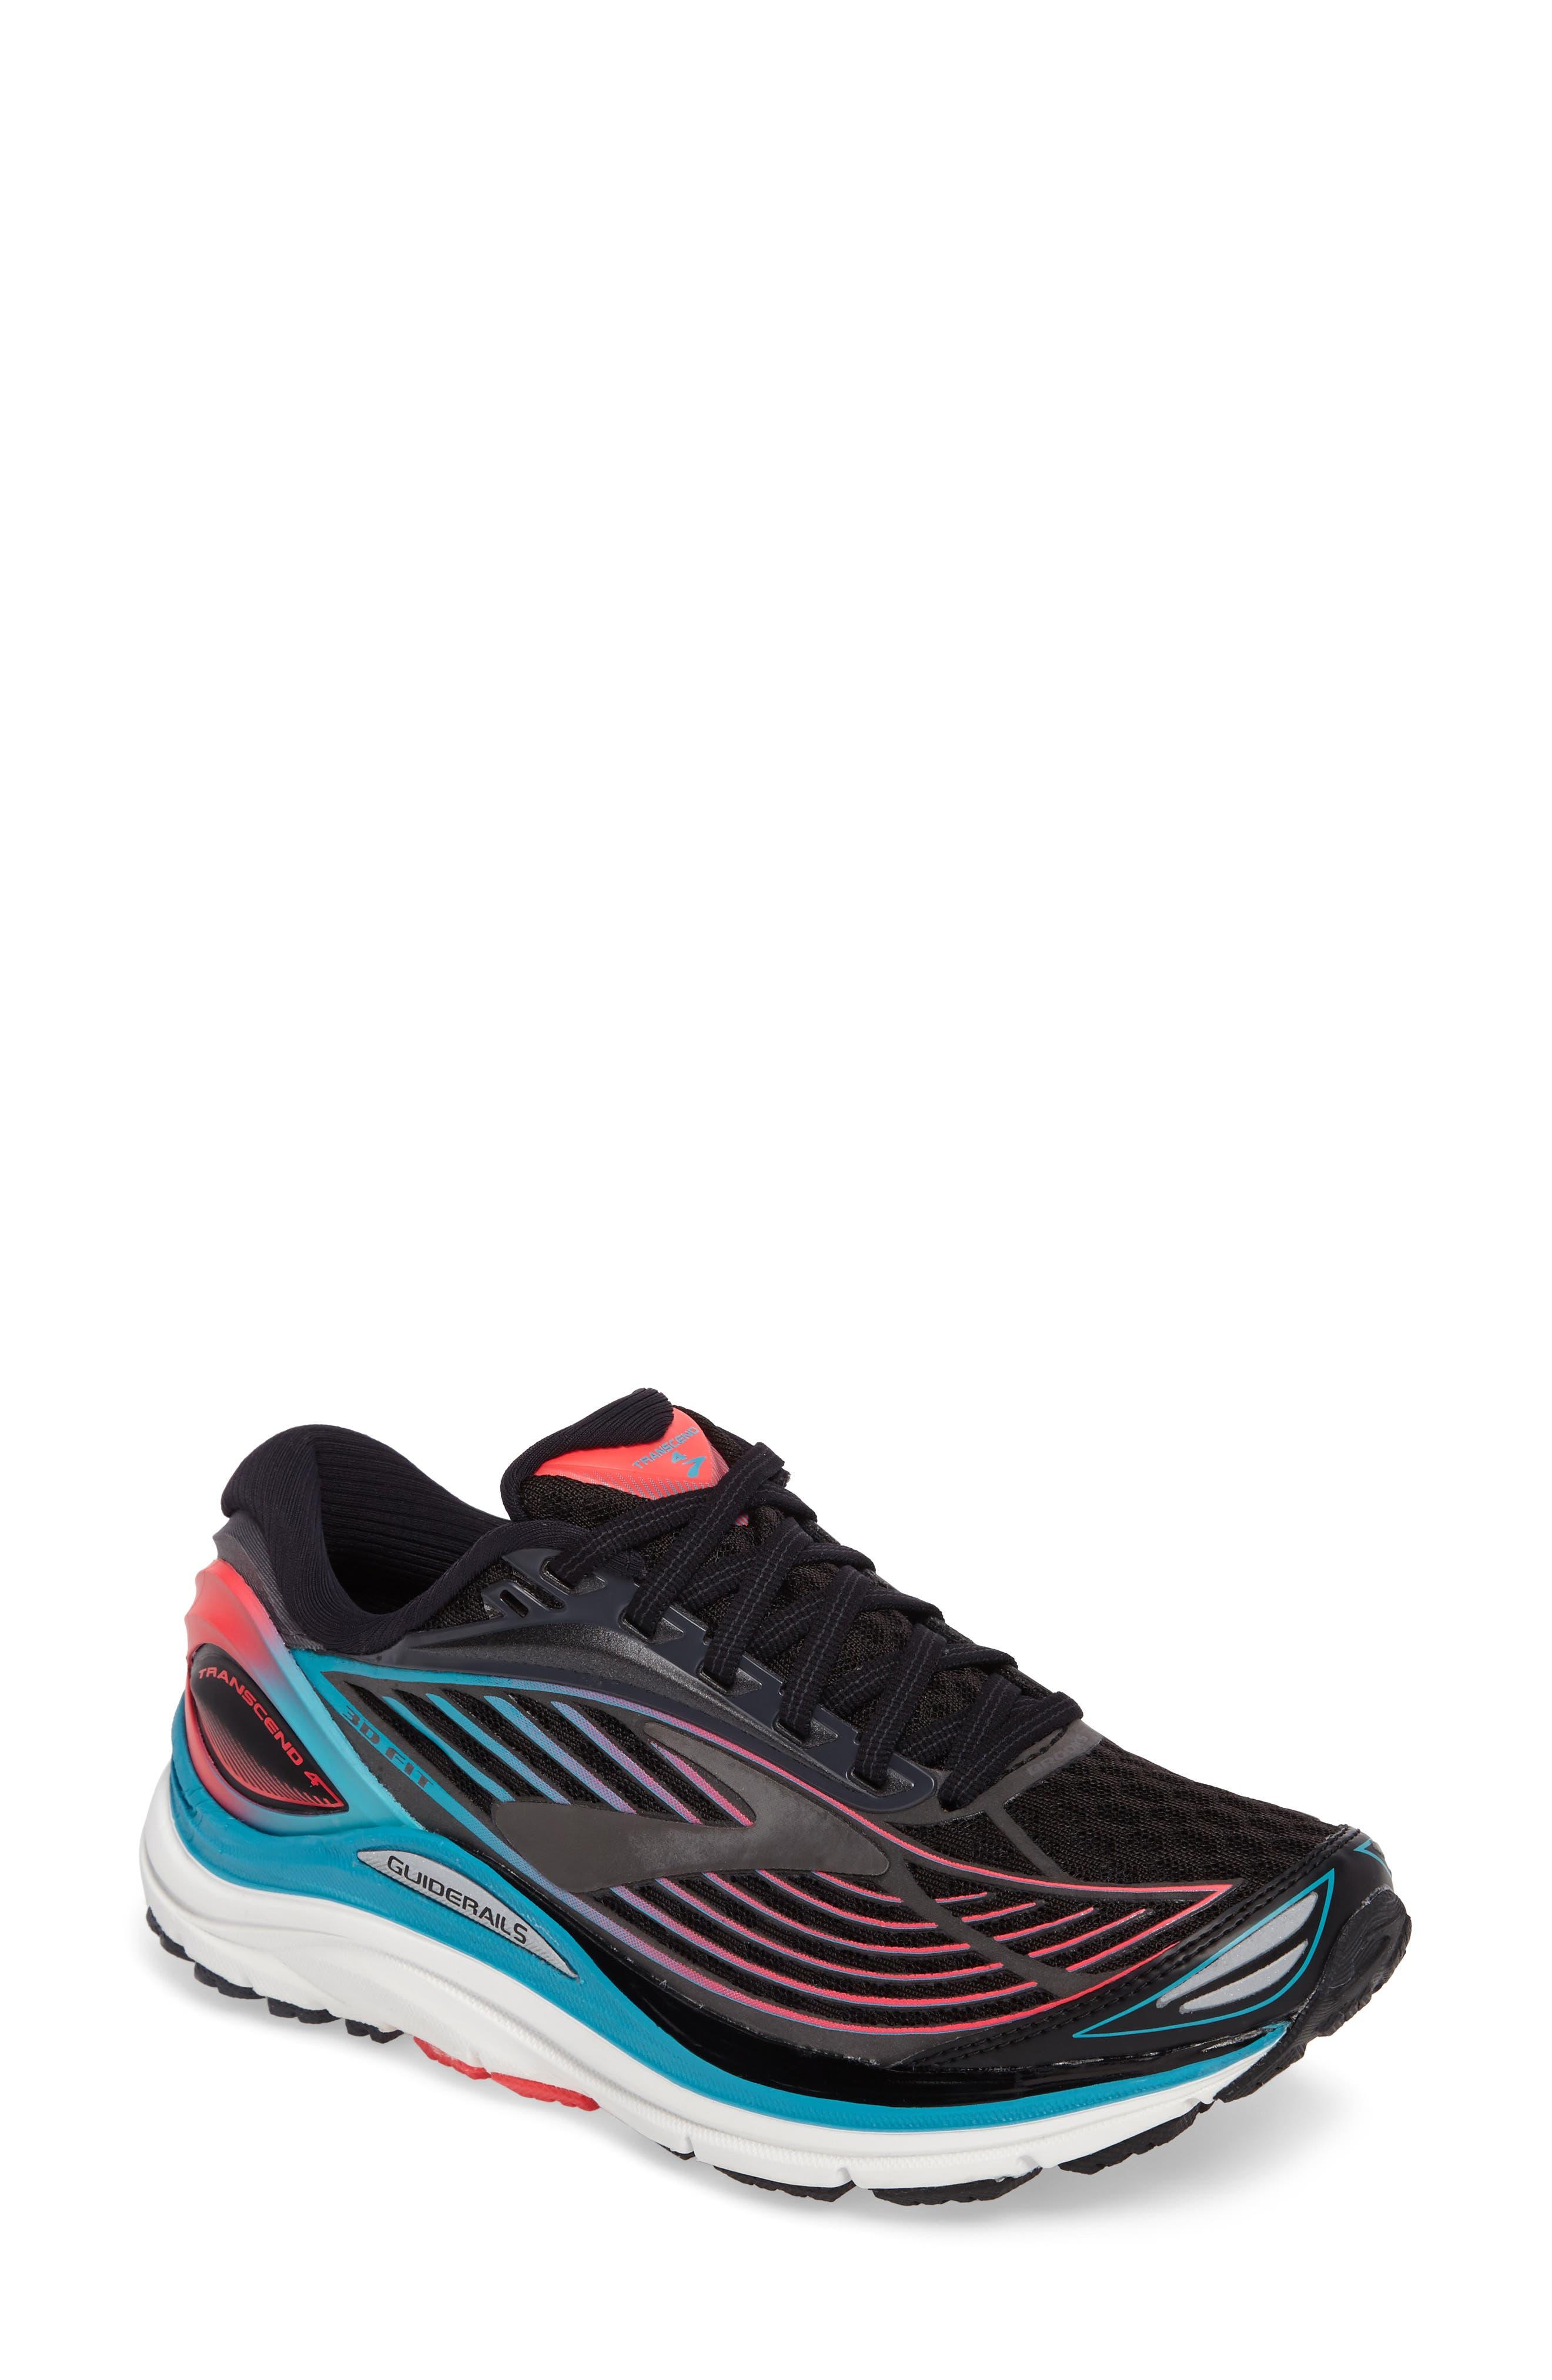 Alternate Image 1 Selected - Brooks Transcend 4 Running Shoe (Women)